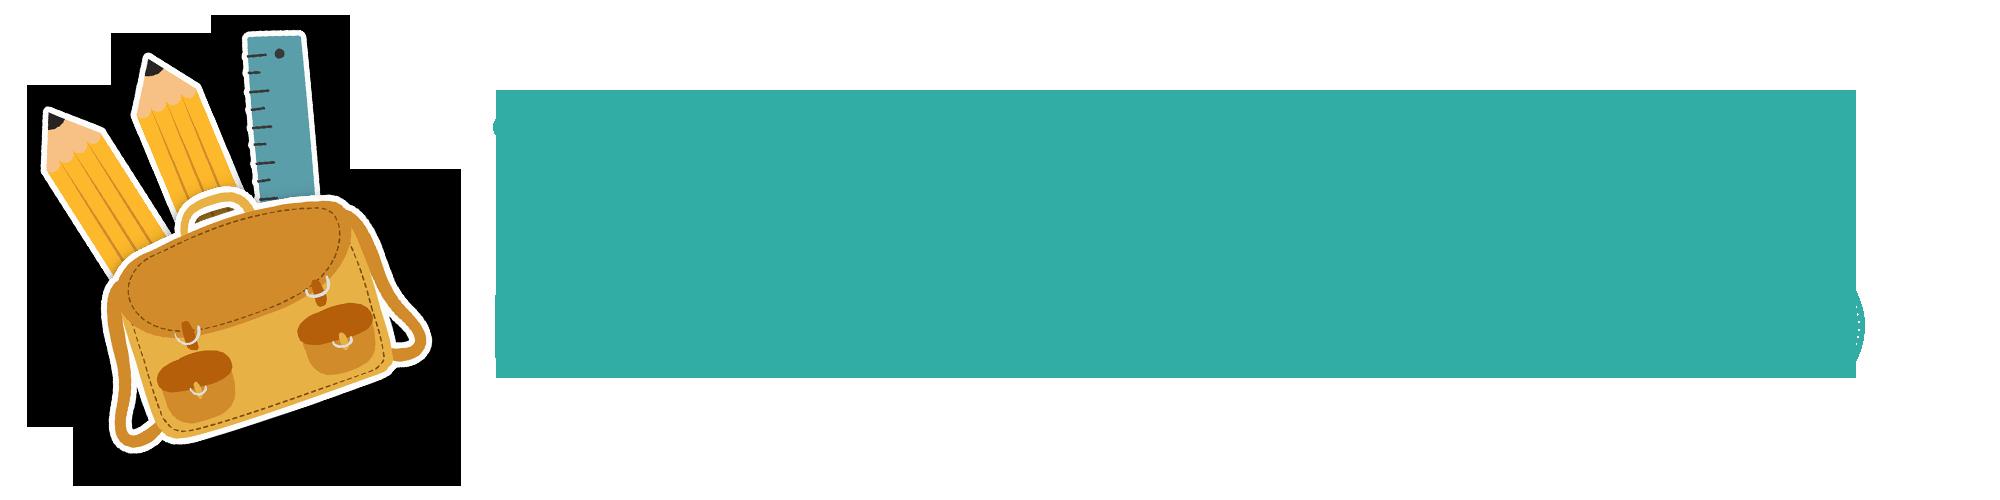 [E] Cho con học trường Quốc tế ở Hà Nội: Học phí 8 tỷ đồng - Ảnh 2